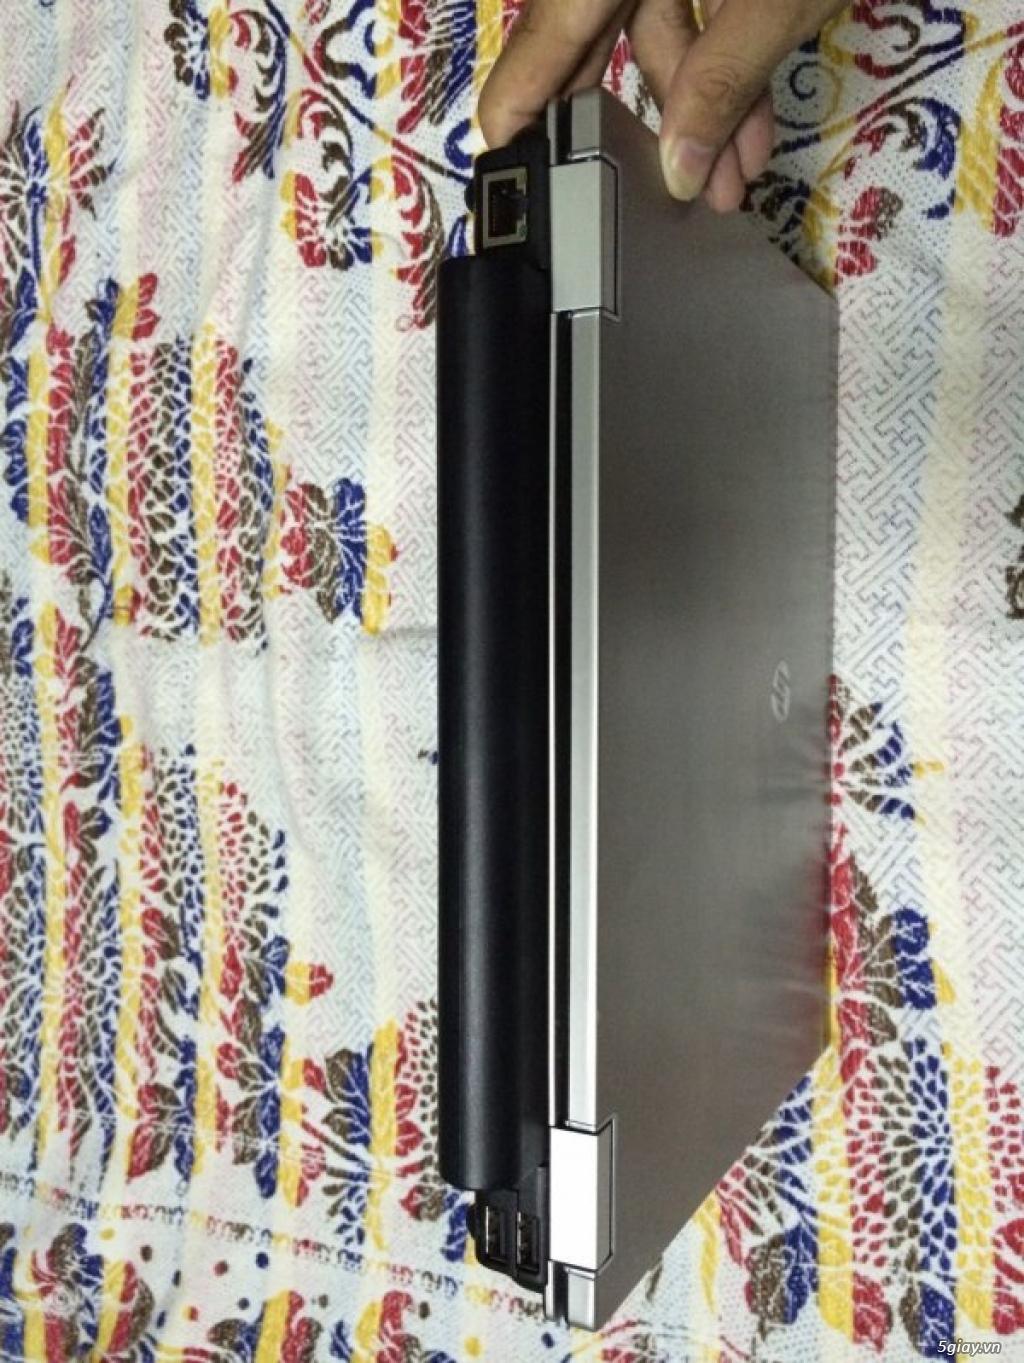 1 con lattop mới giá tốt nhất cho anh em sử dụng - 12